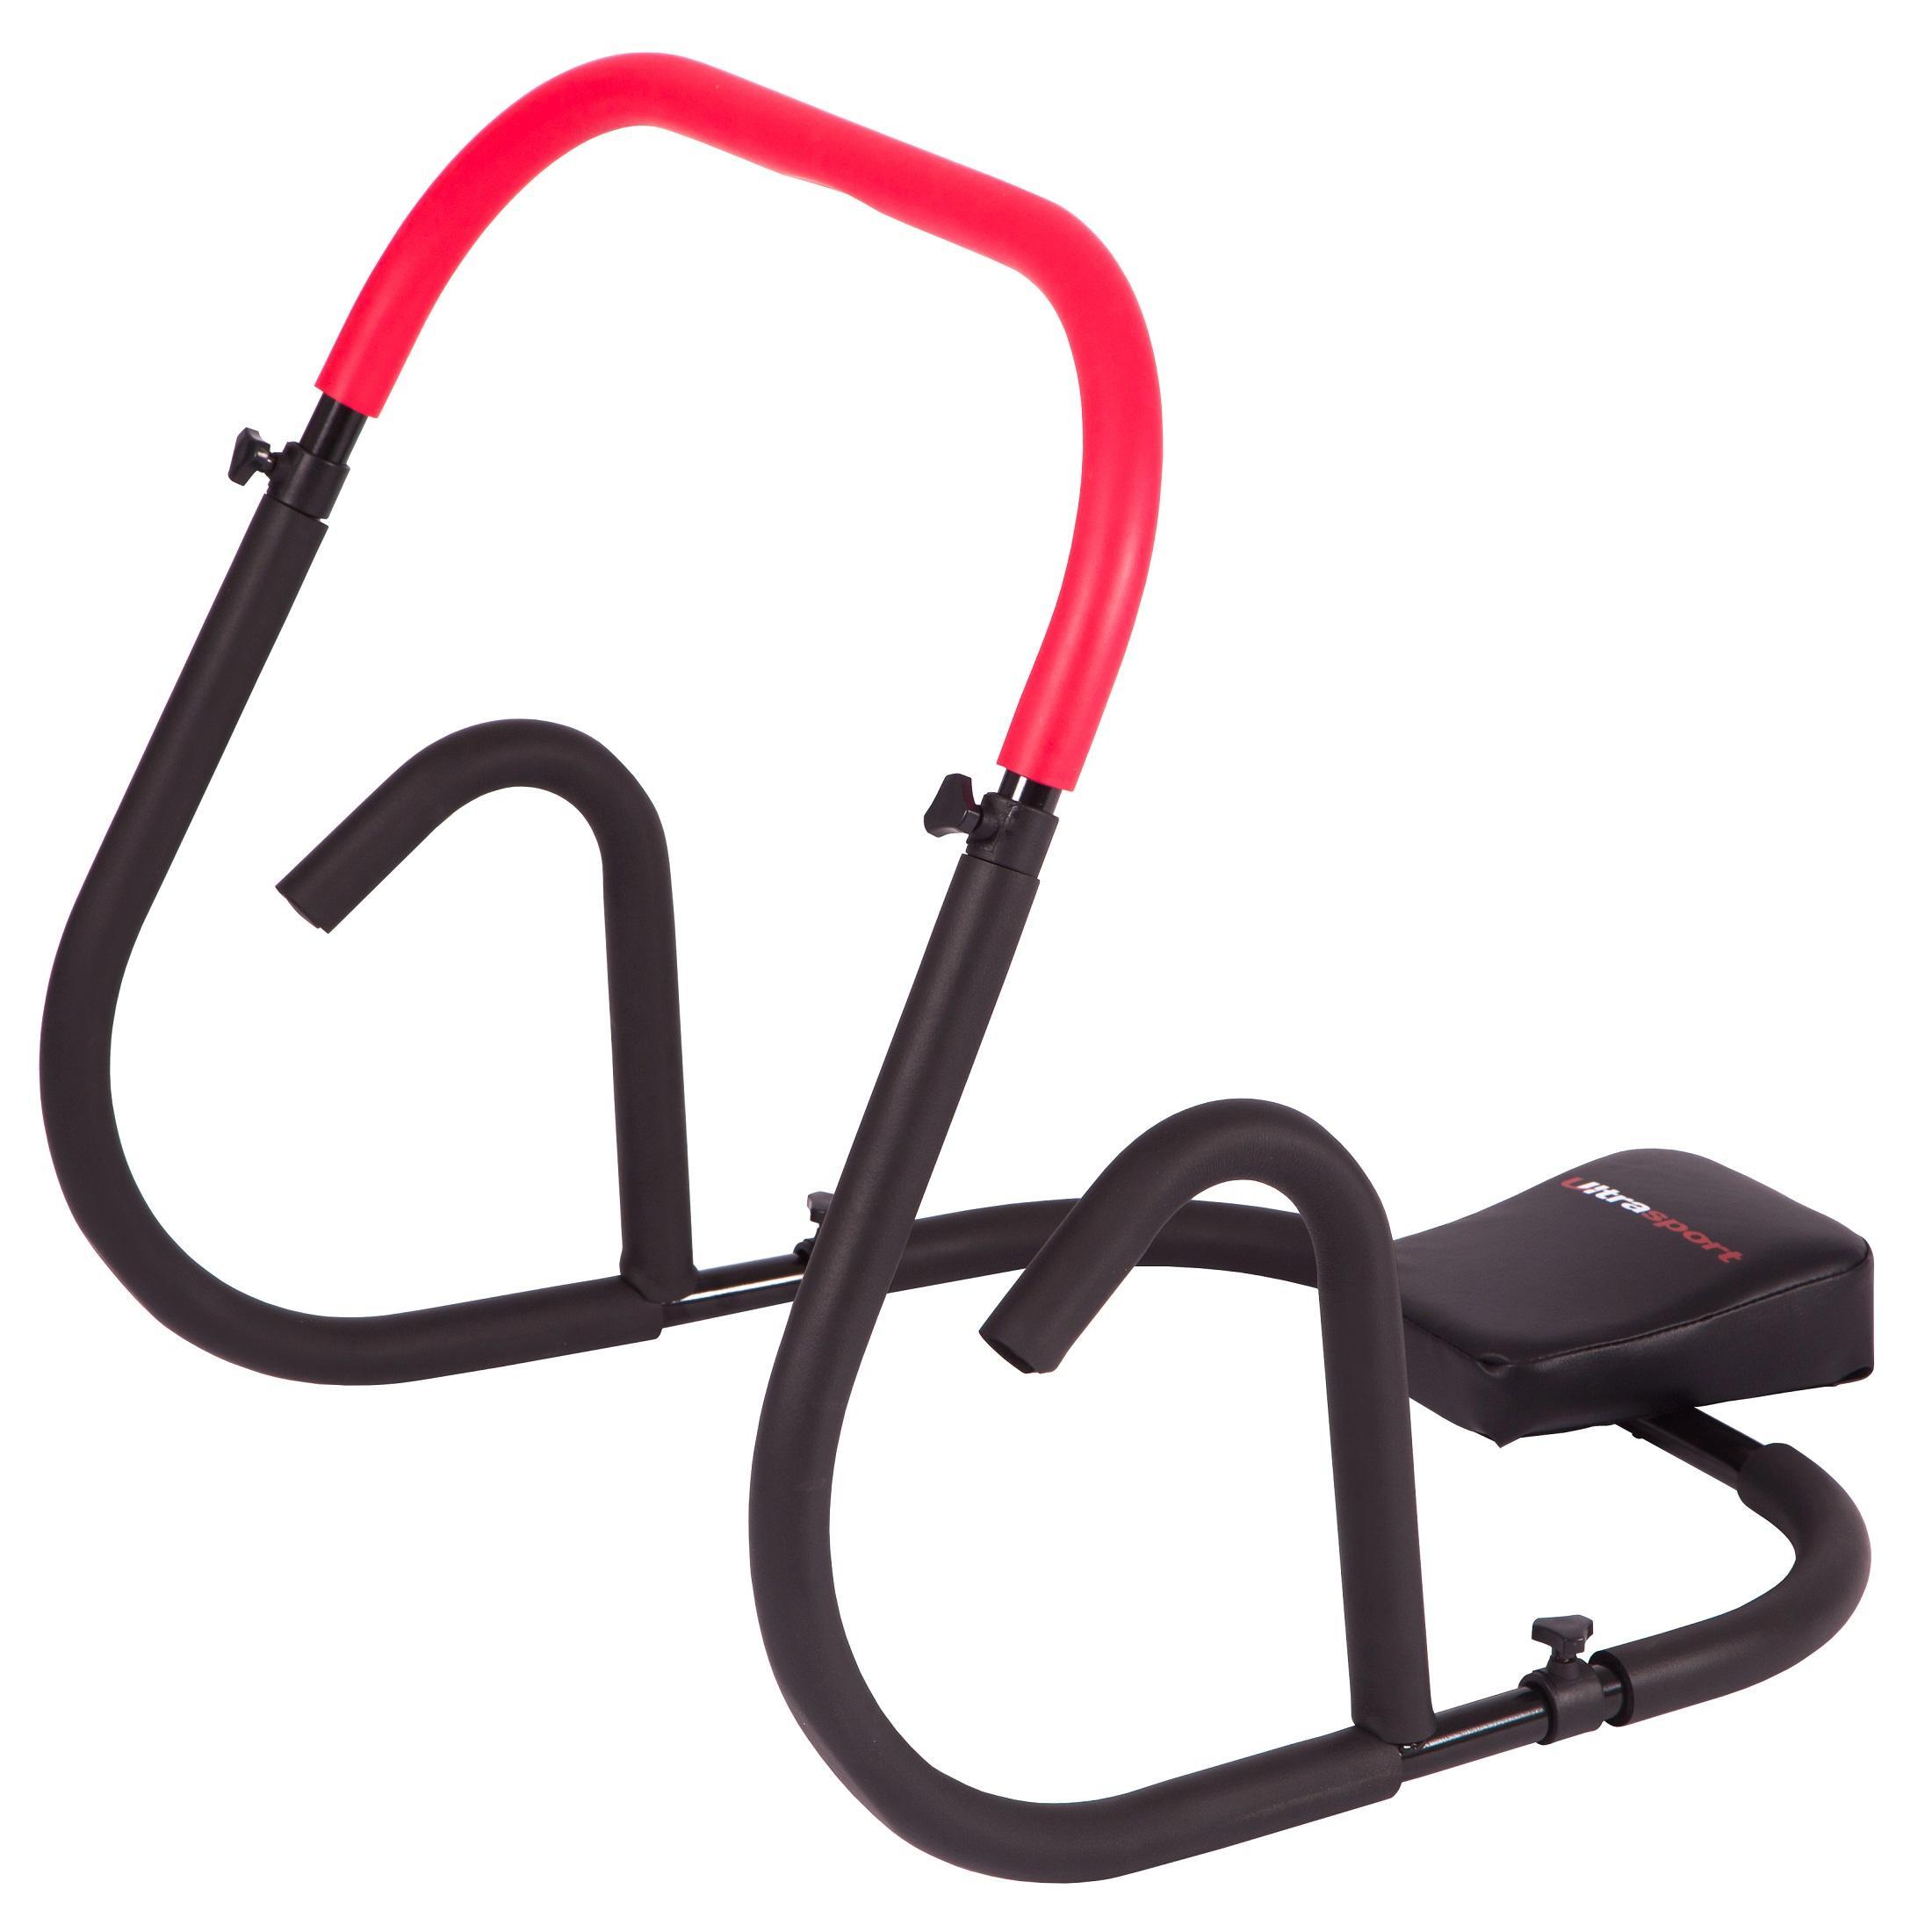 ultrasport ab trainer ein profi bauchtrainer mit dem die bauchmuskeln zu hause intensiv. Black Bedroom Furniture Sets. Home Design Ideas